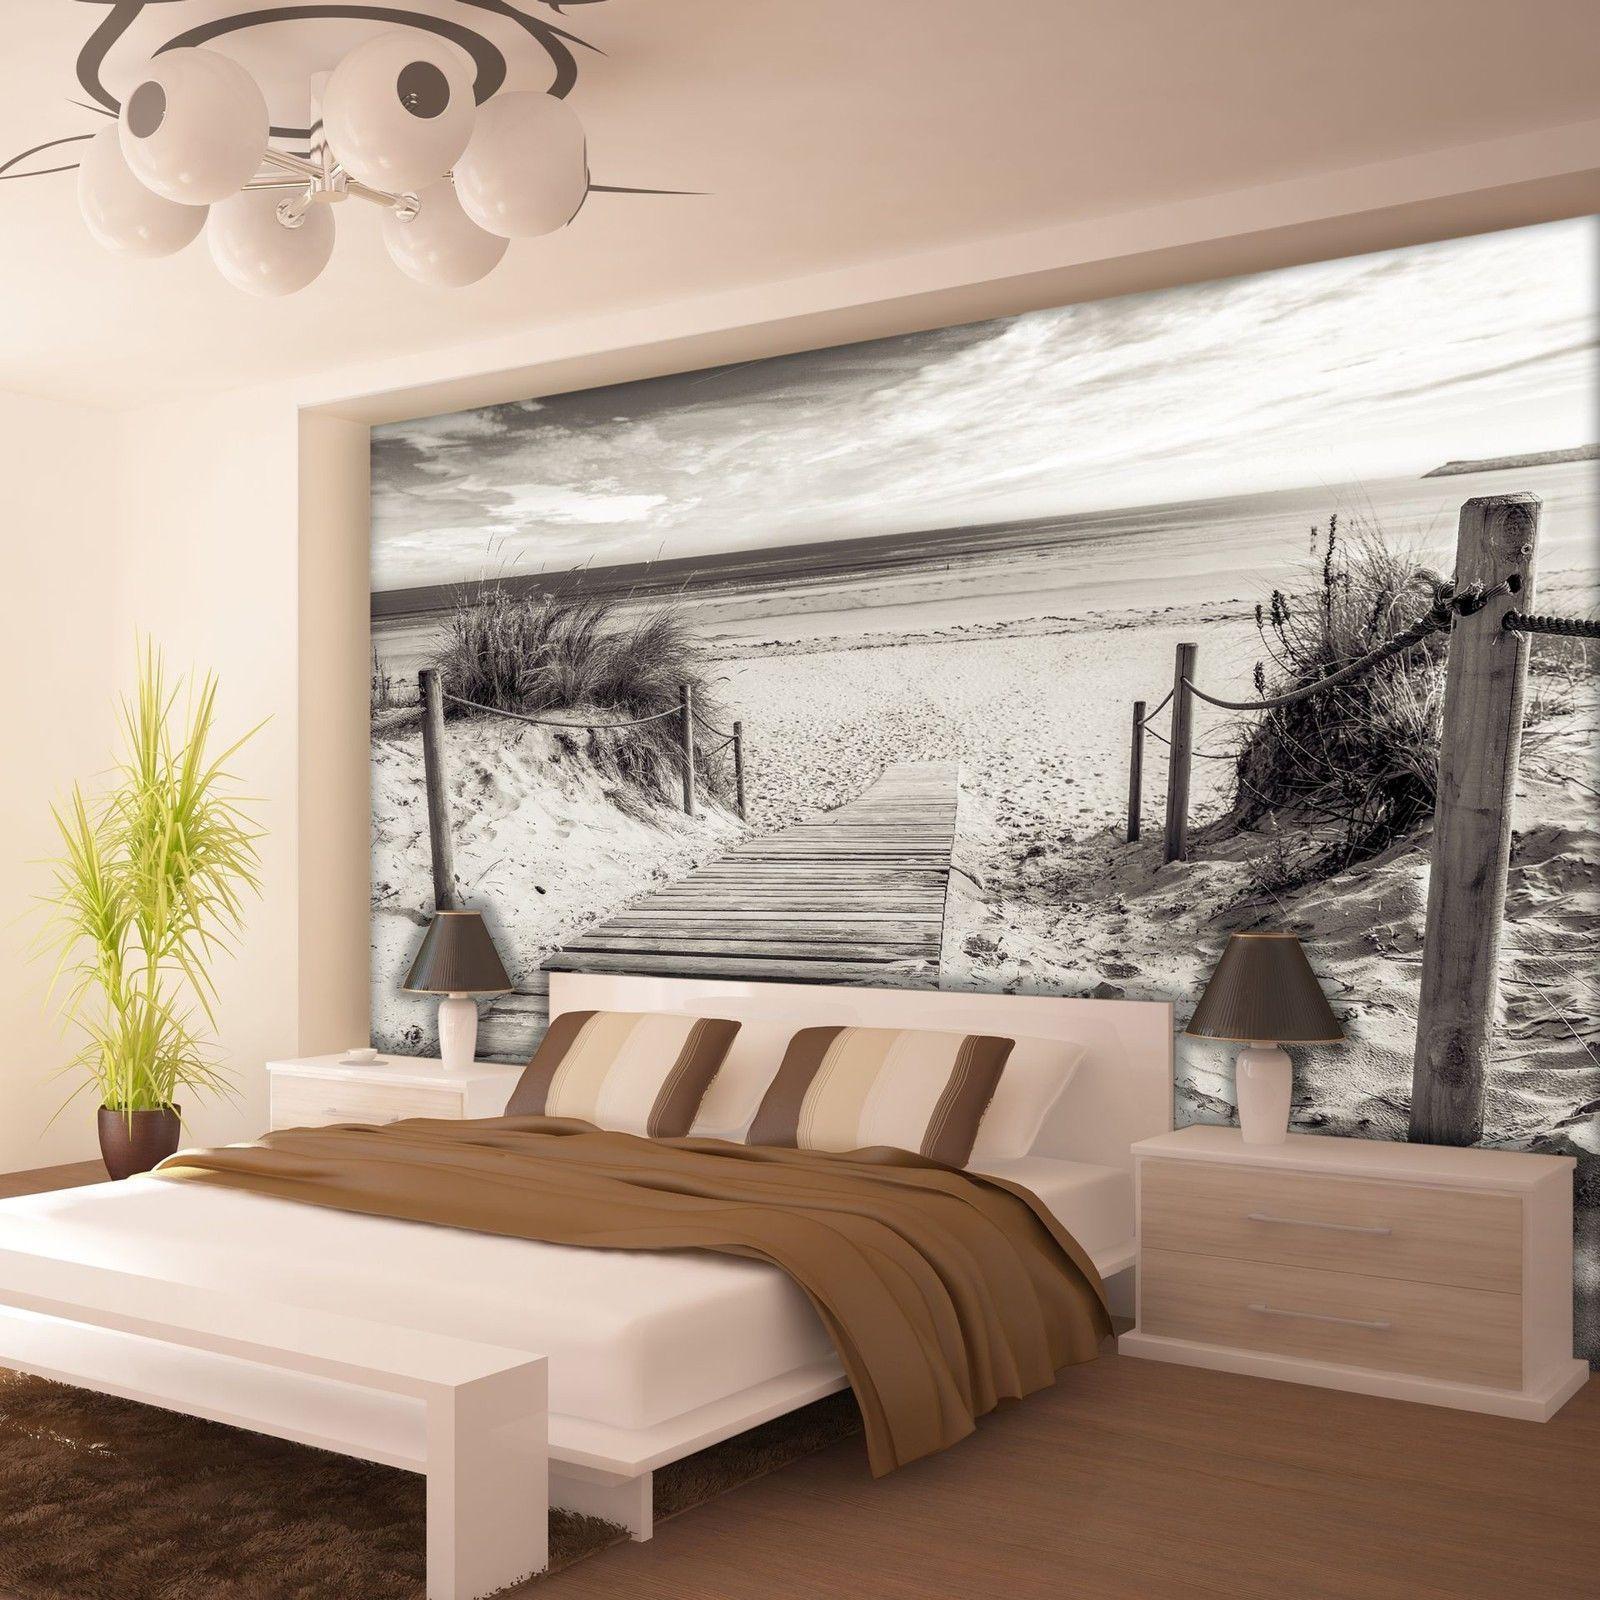 schlafzimmer gestalten strand  Wohnzimmer Wnde Streichen Ideen  Fototapete schlafzimmer